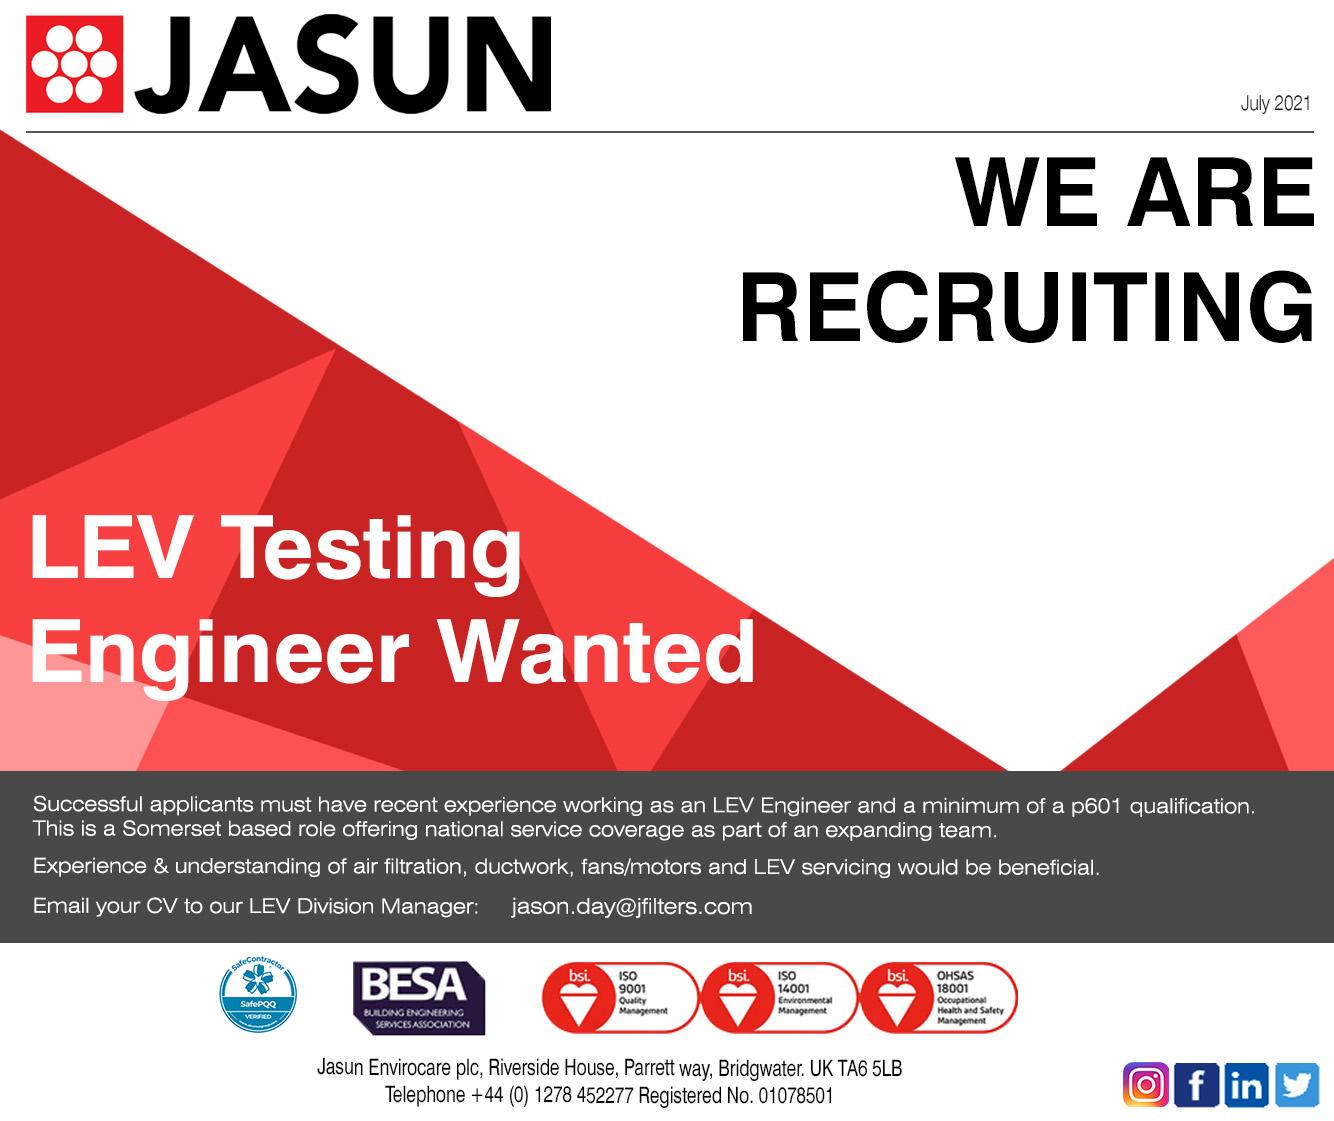 LEV Testing Engineer